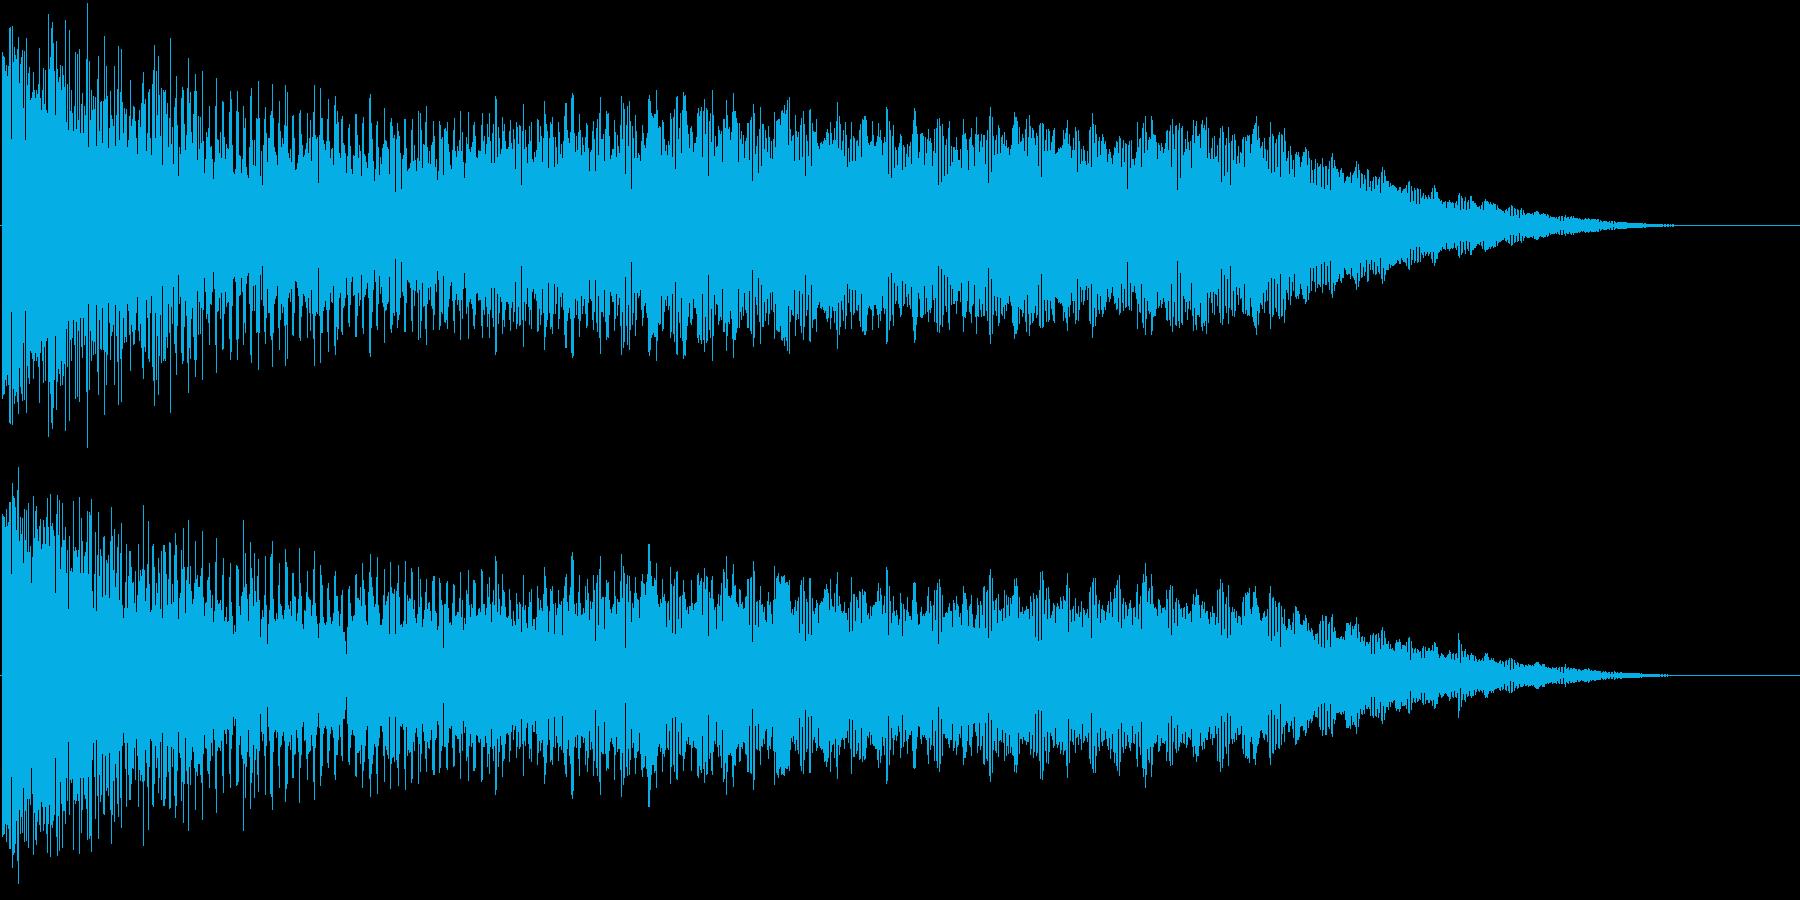 宇宙船が宇宙空間にワープしてきたイメージの再生済みの波形